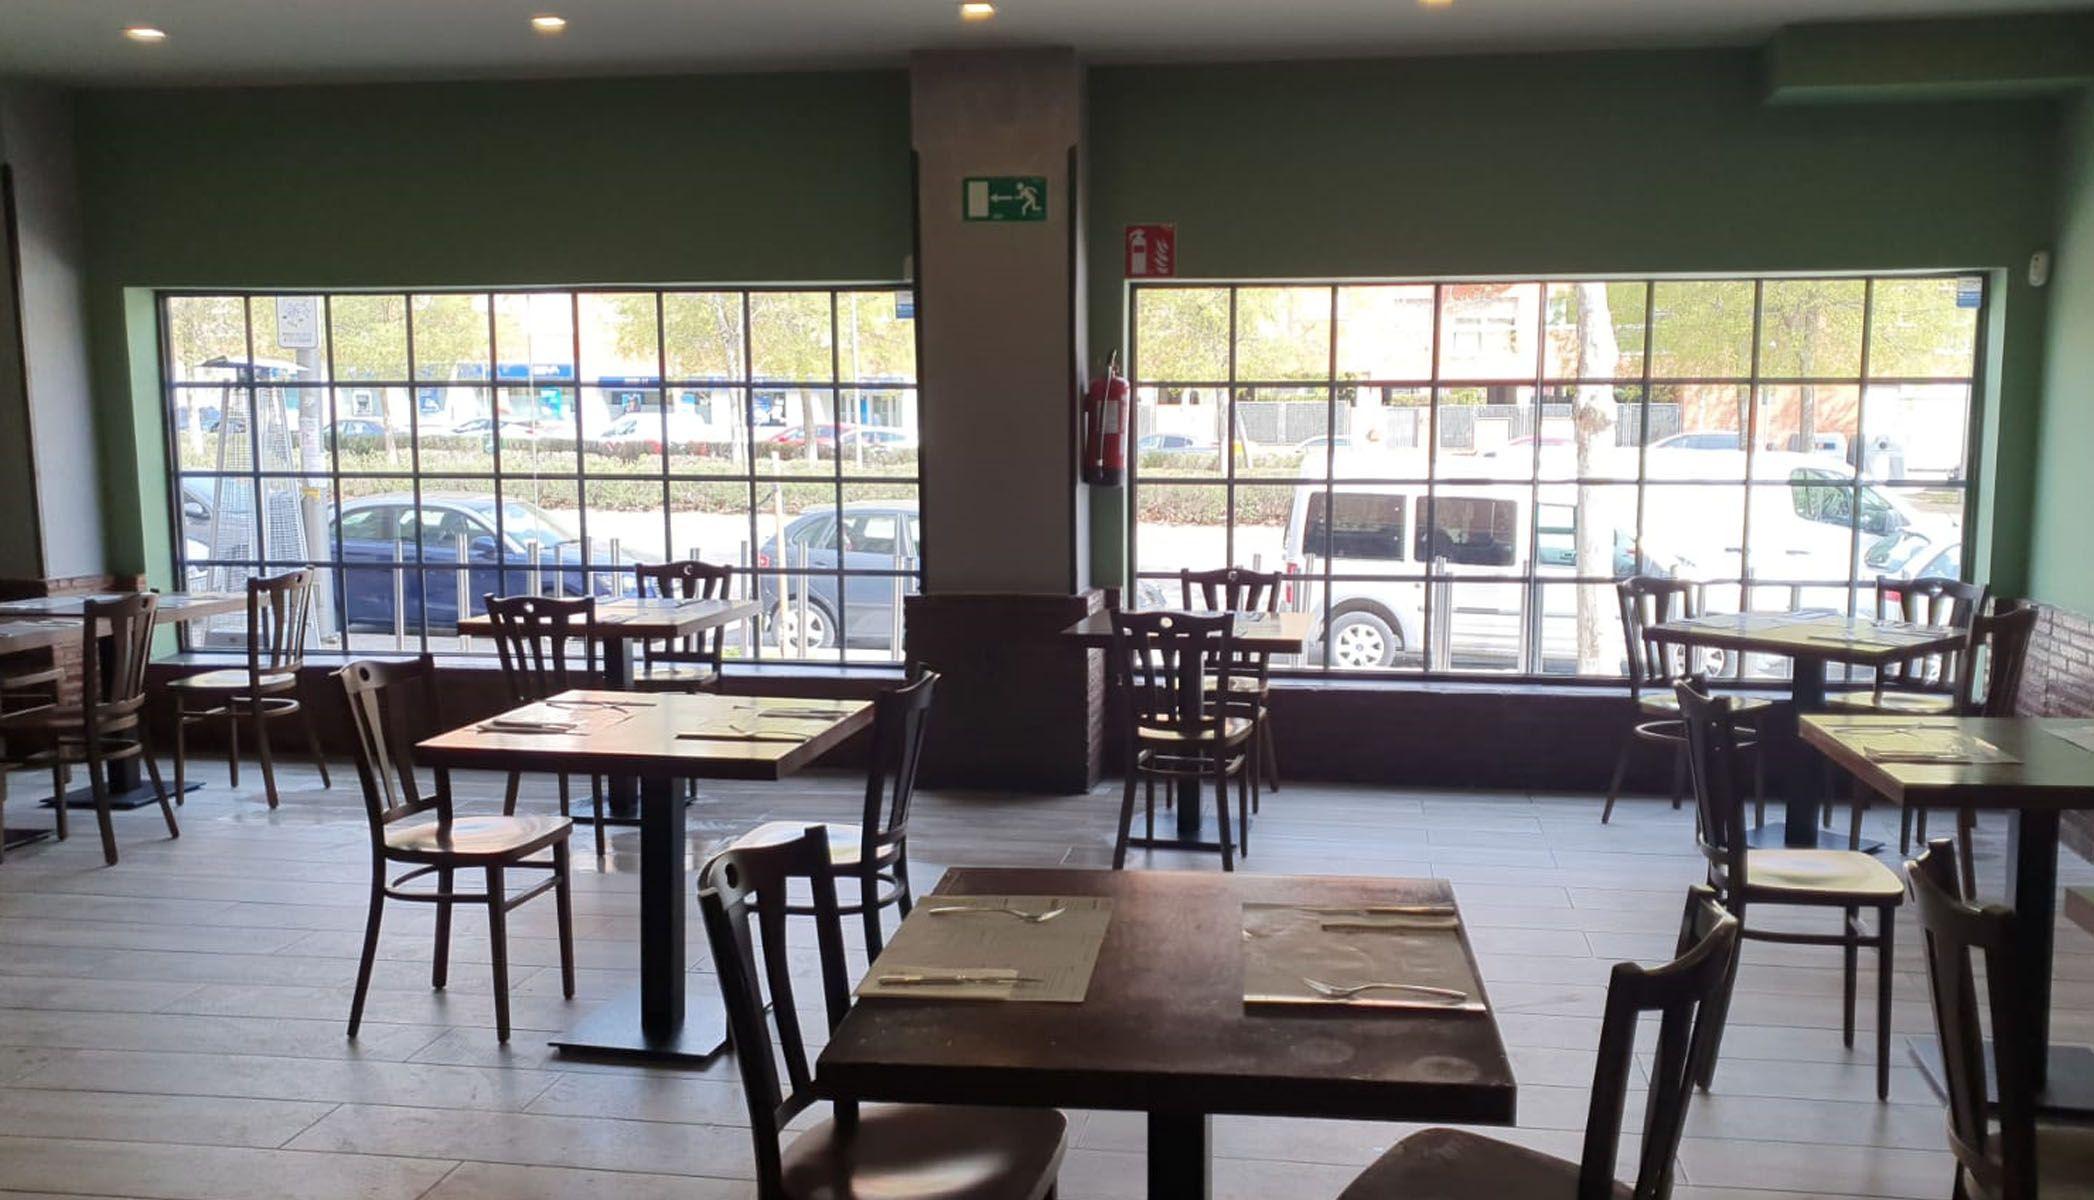 Restaurante menú diario Carabanche